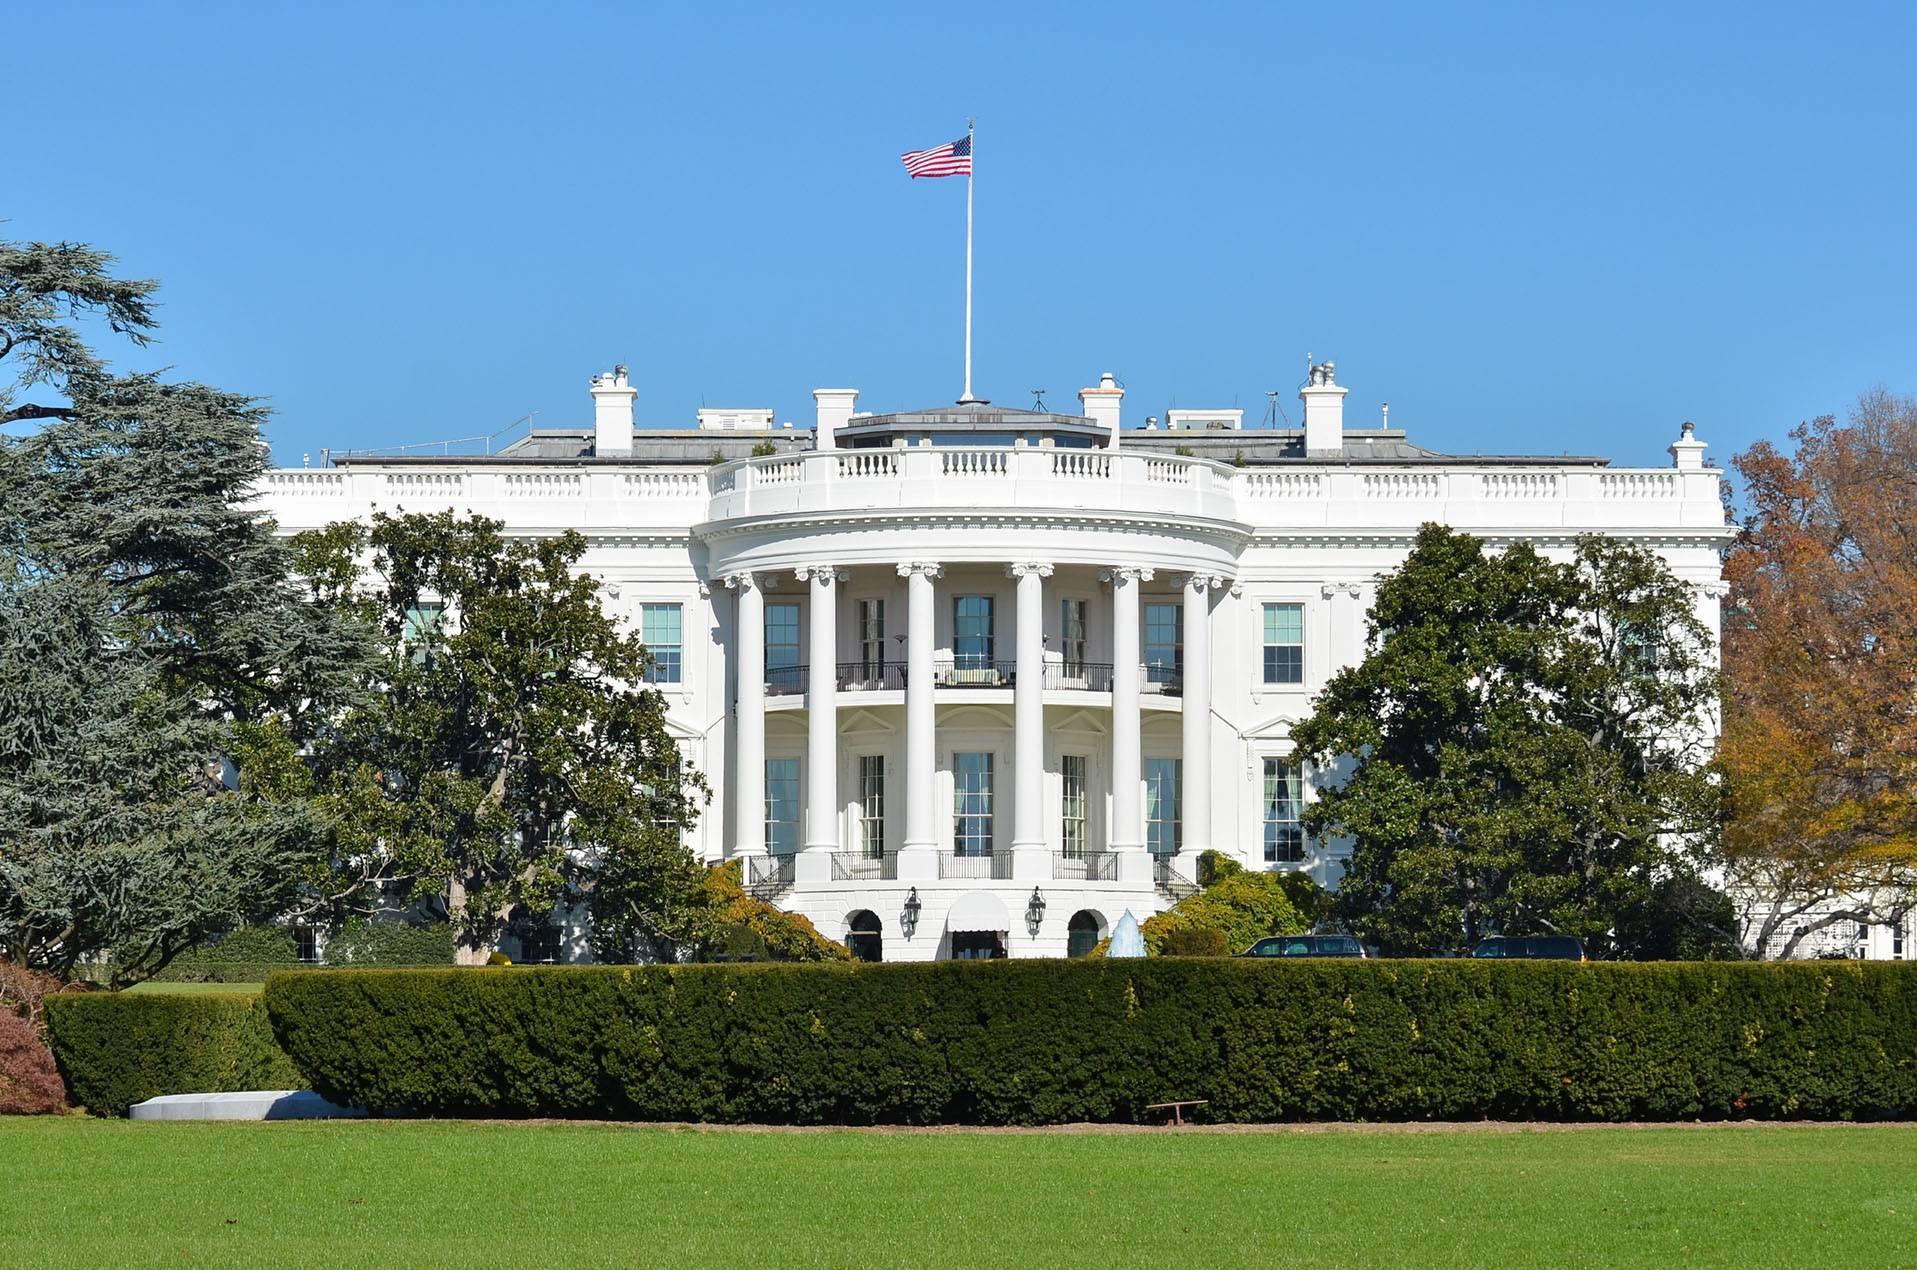 币世界-华盛顿邮报:随着比特币疯狂波动,白宫正在研究相关监管空白